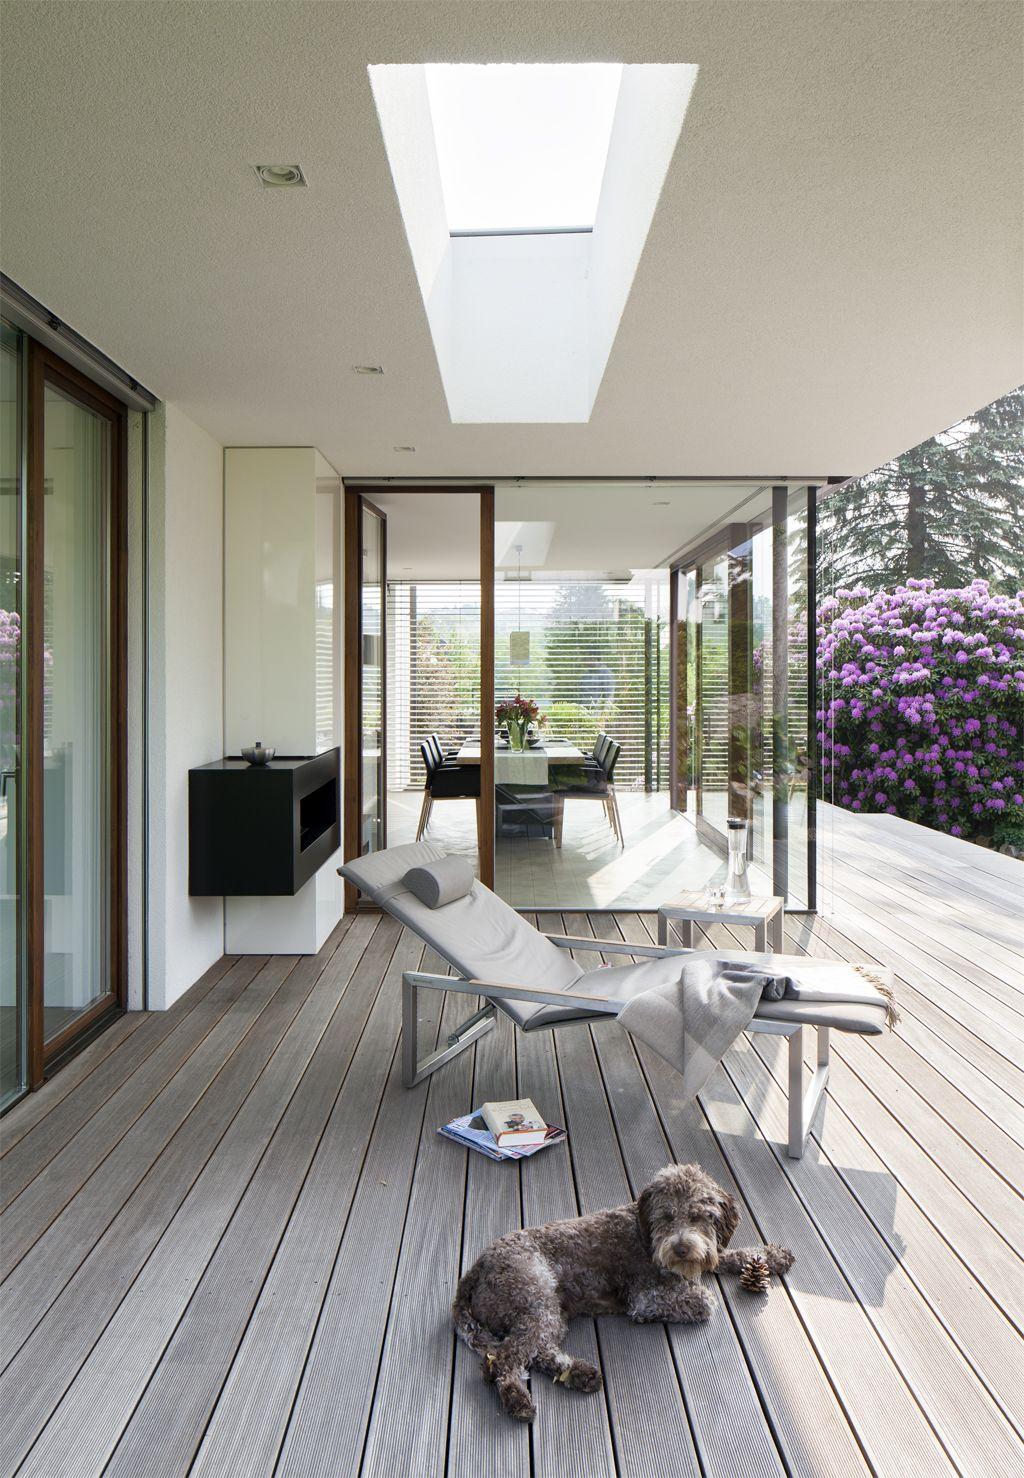 Haus-Verjüngung: Umbauen bringt Durchblick - DAS HAUS #terassenüberdachung